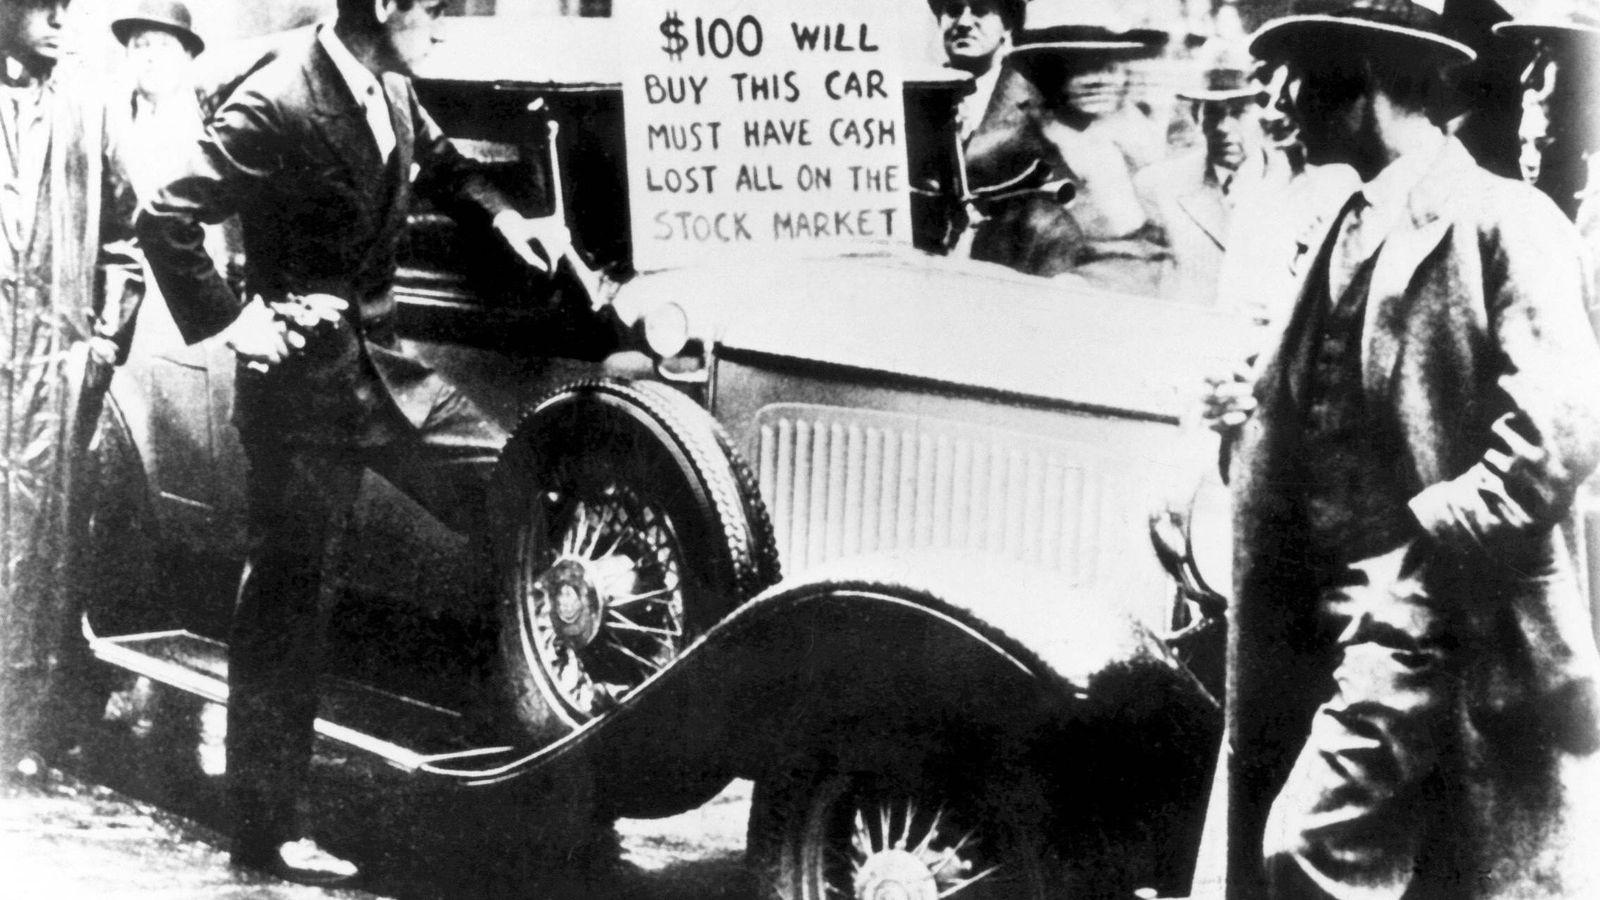 Foto: Fotografía de 1929 en la que se observa cómo el dueño de este automóvil lo ofrece por dinero en efectivo, ya que había perdido todo su capital en la bolsa de valores de Nueva York